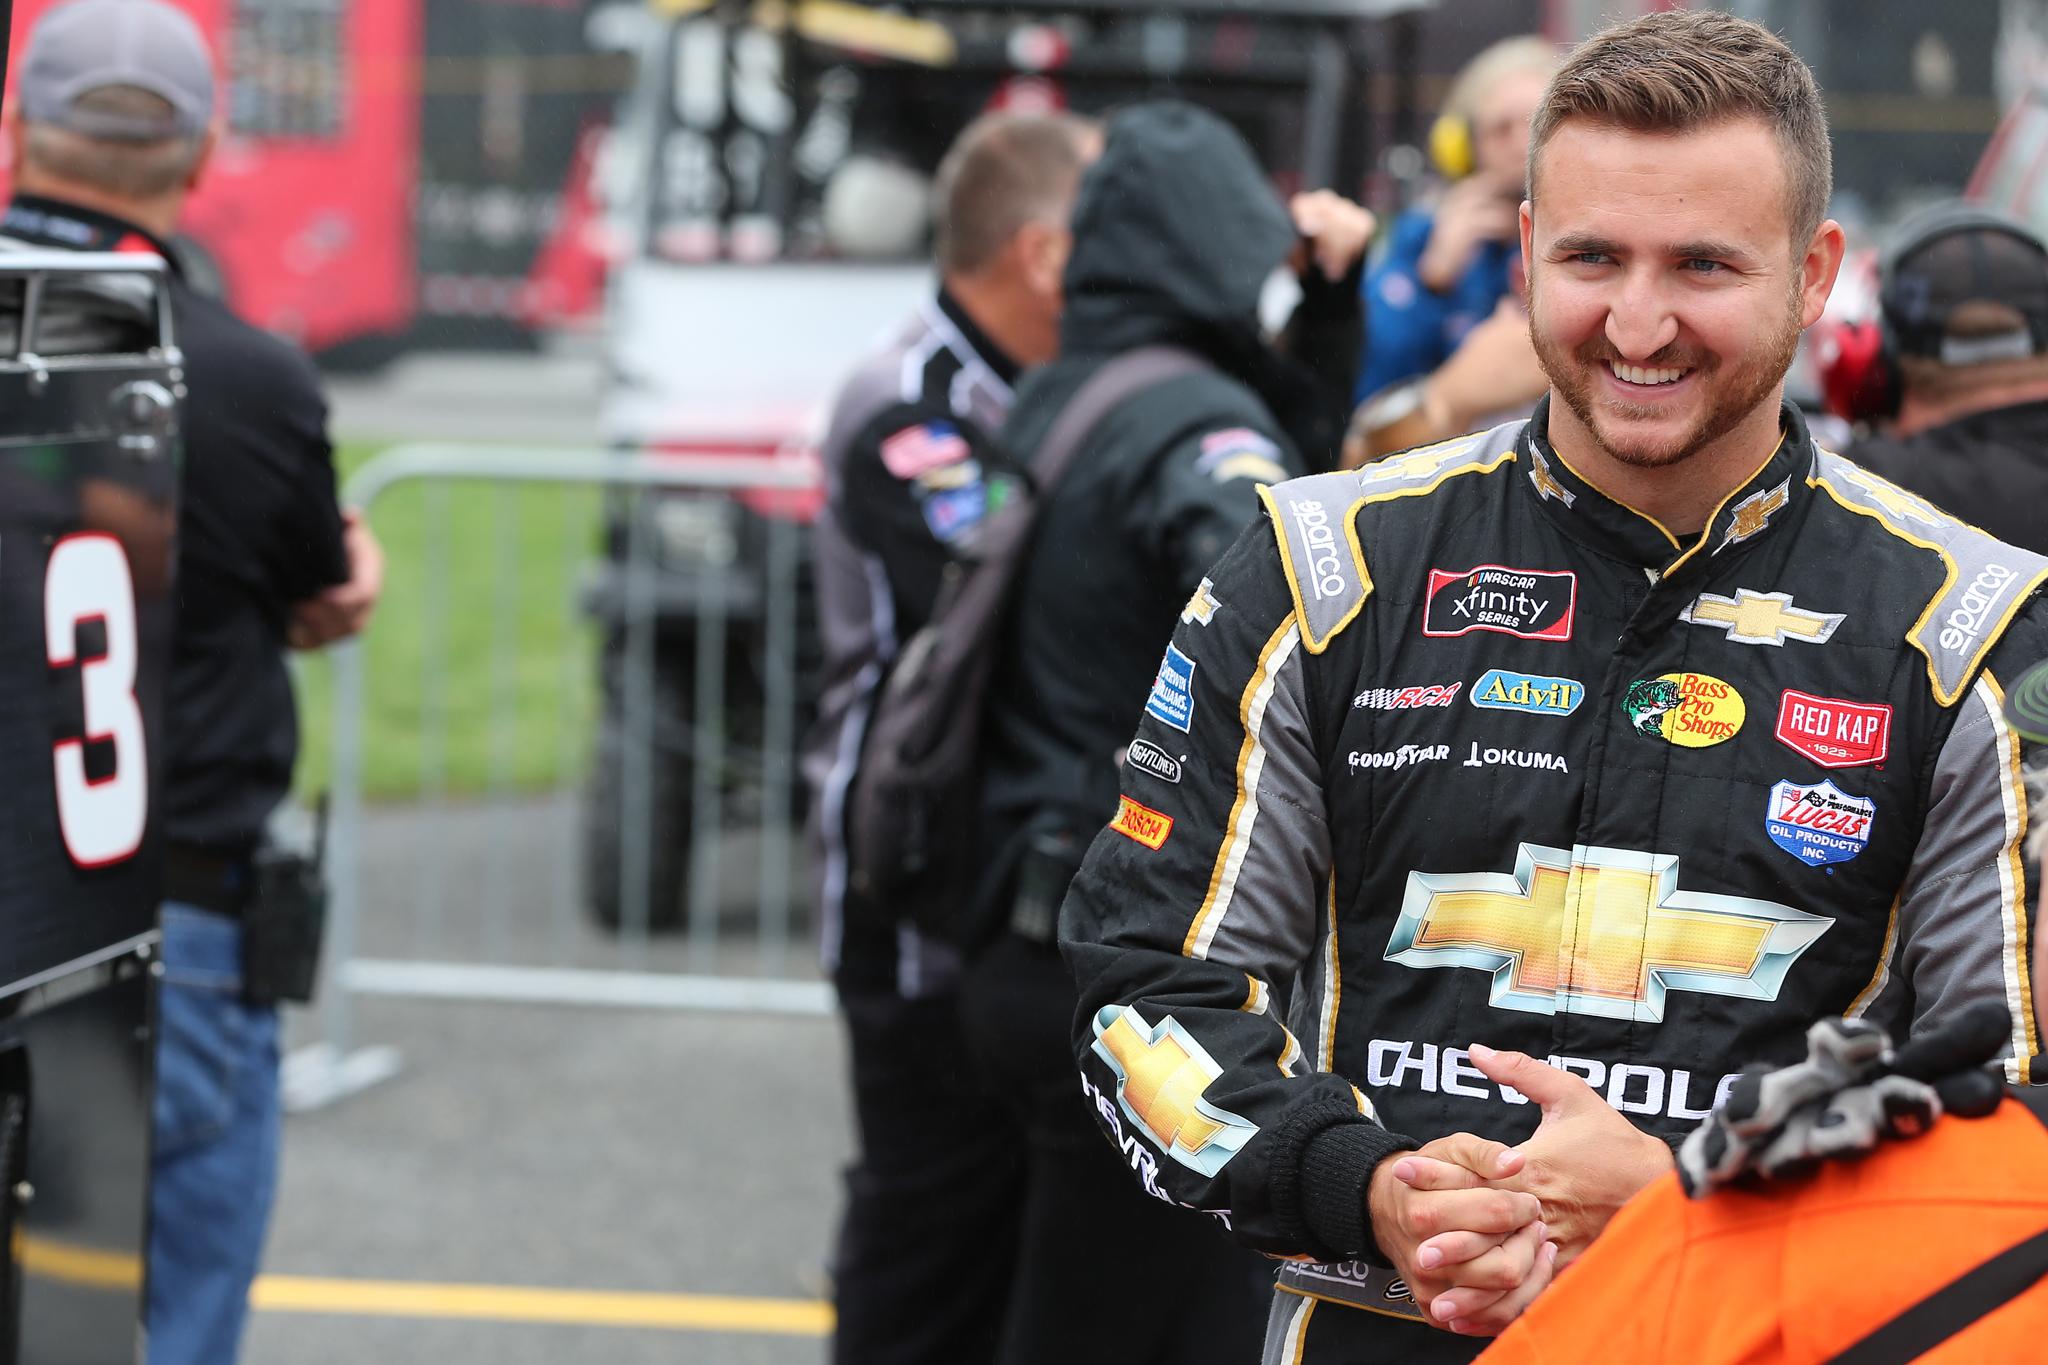 Racecar driver Shane Lee